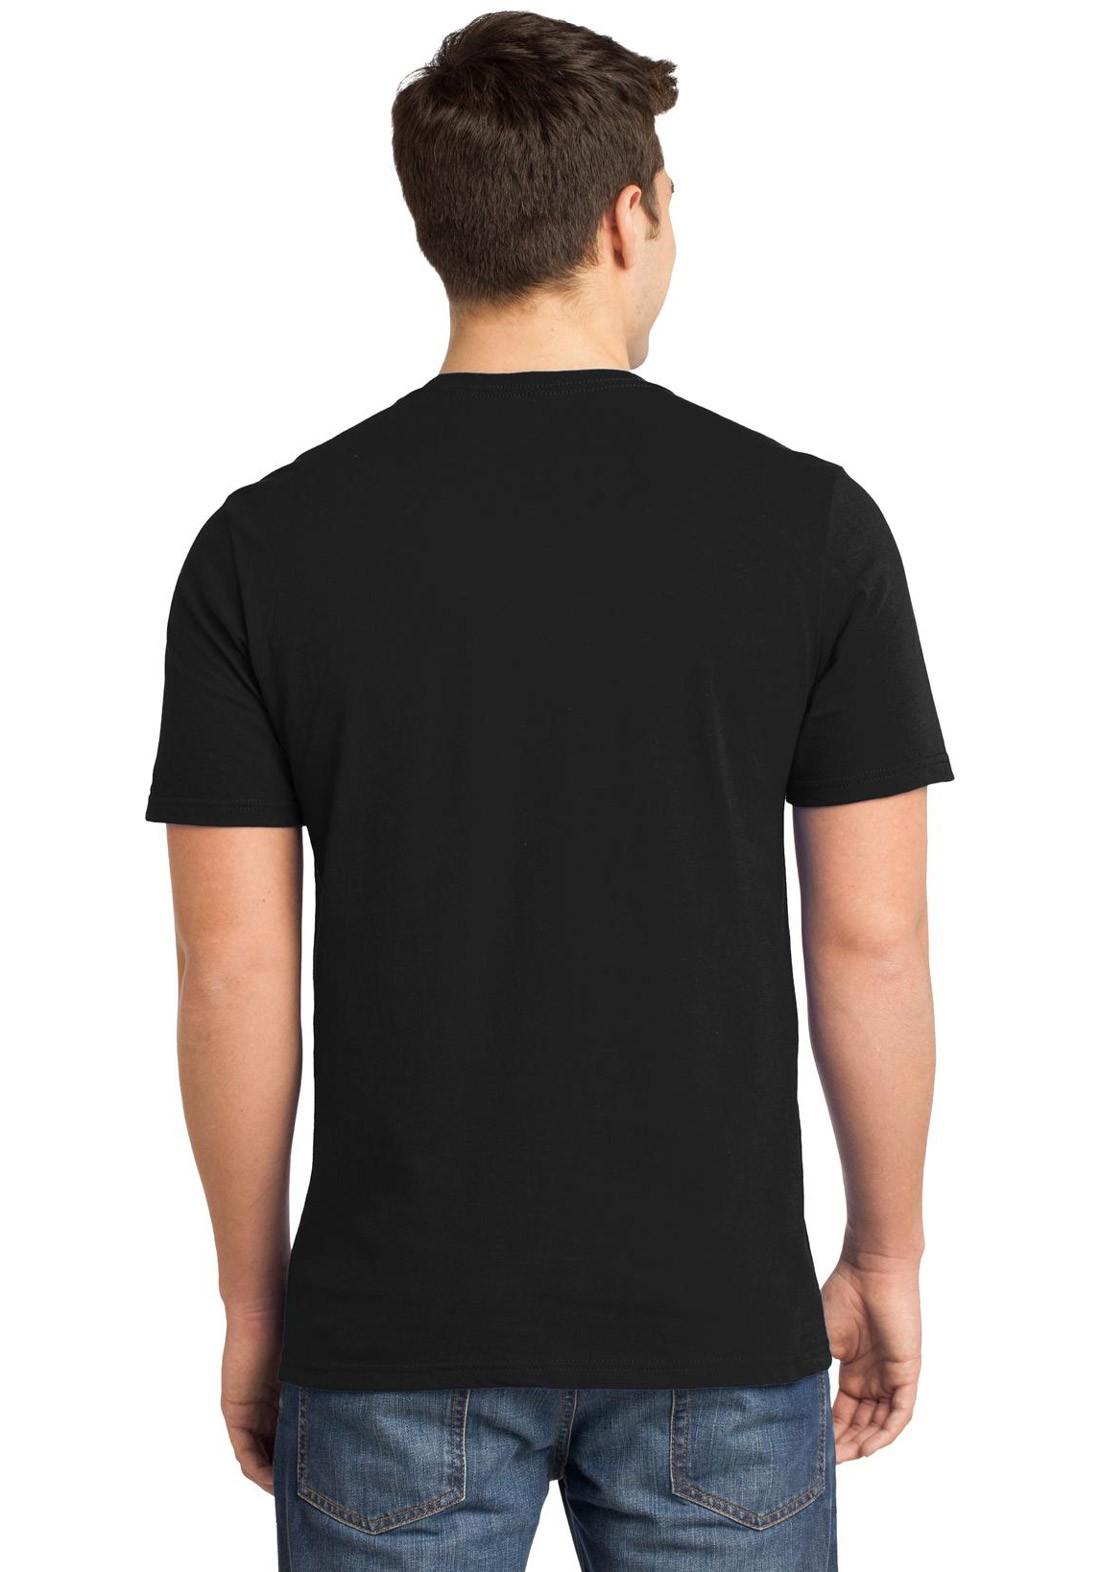 Camiseta Masculina Universitária Faculdade Logística